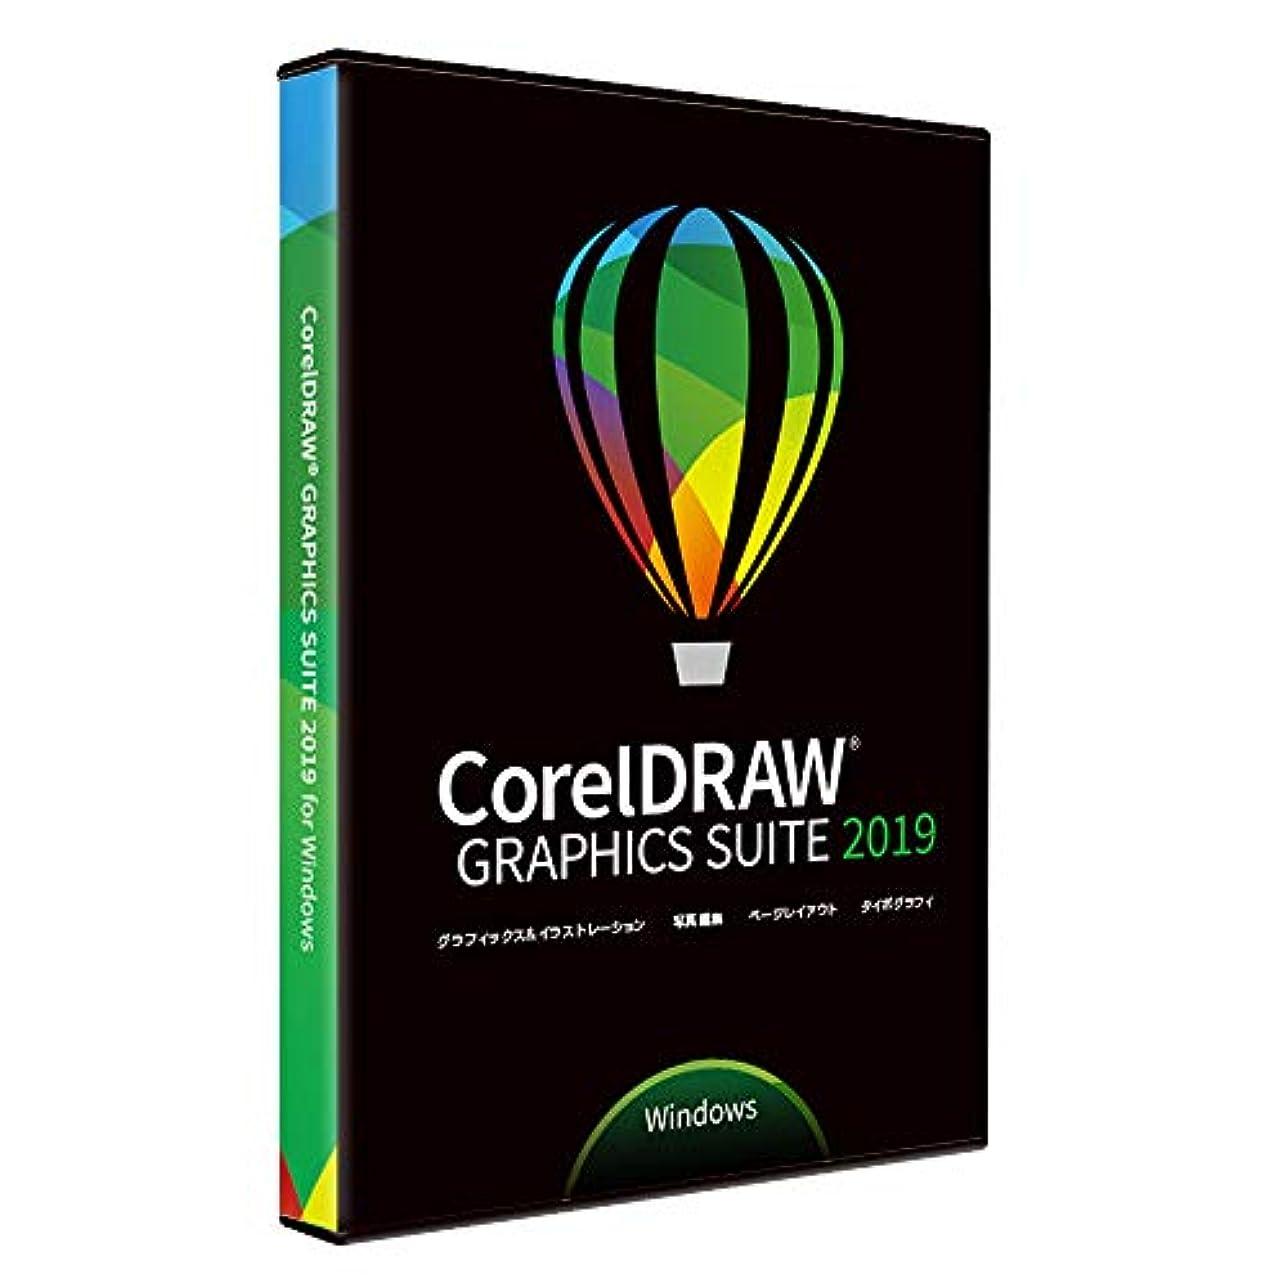 廃棄する水素狂ったCorelDRAW Graphics Suite 2019 for Windows 通常版 グラフィック デザイン ソフトウェア